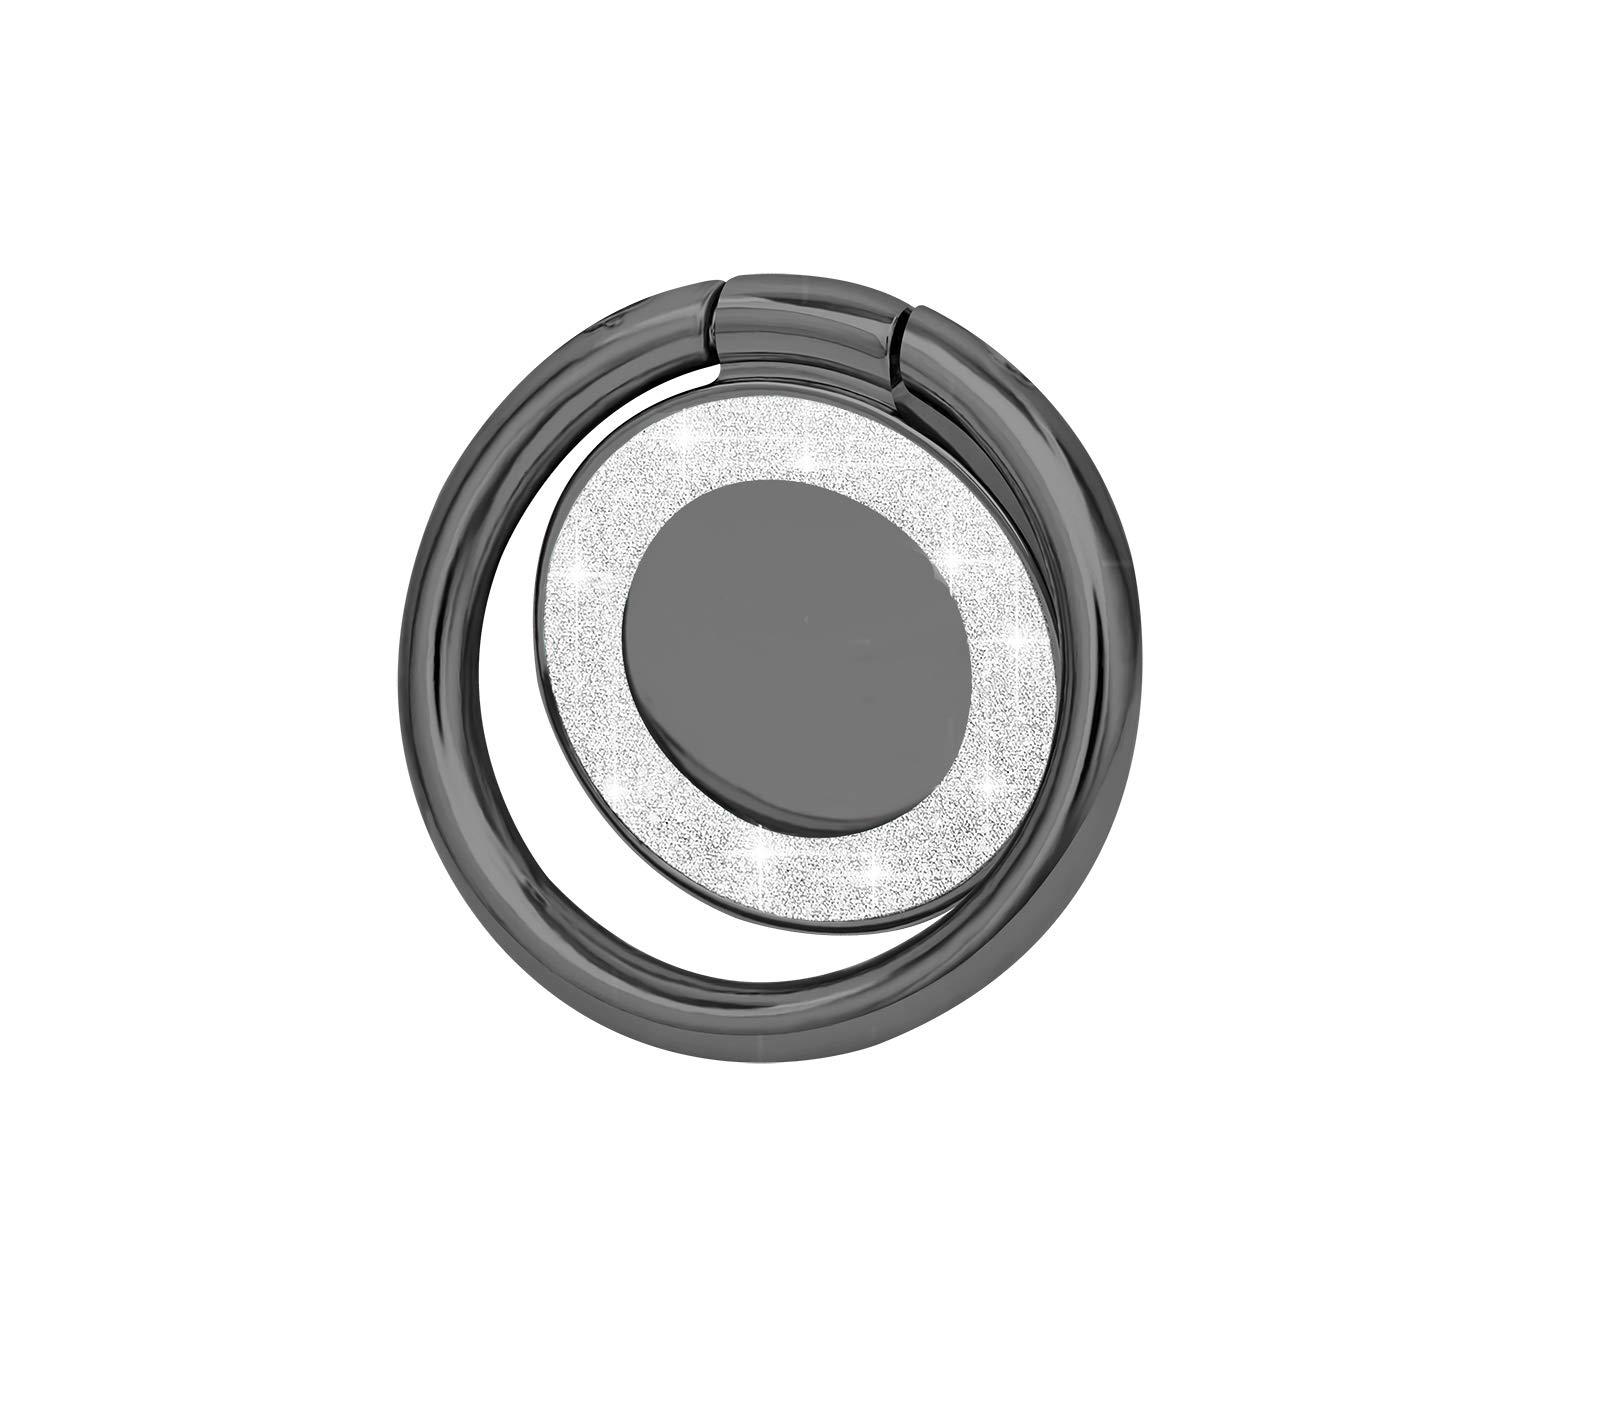 lenoup Glitter Bling Bling Phone Ring Holder,Sparkle Phone Ring Kickstand,Cell Phone Finger Ring Grip for Almost All Phones(Black)